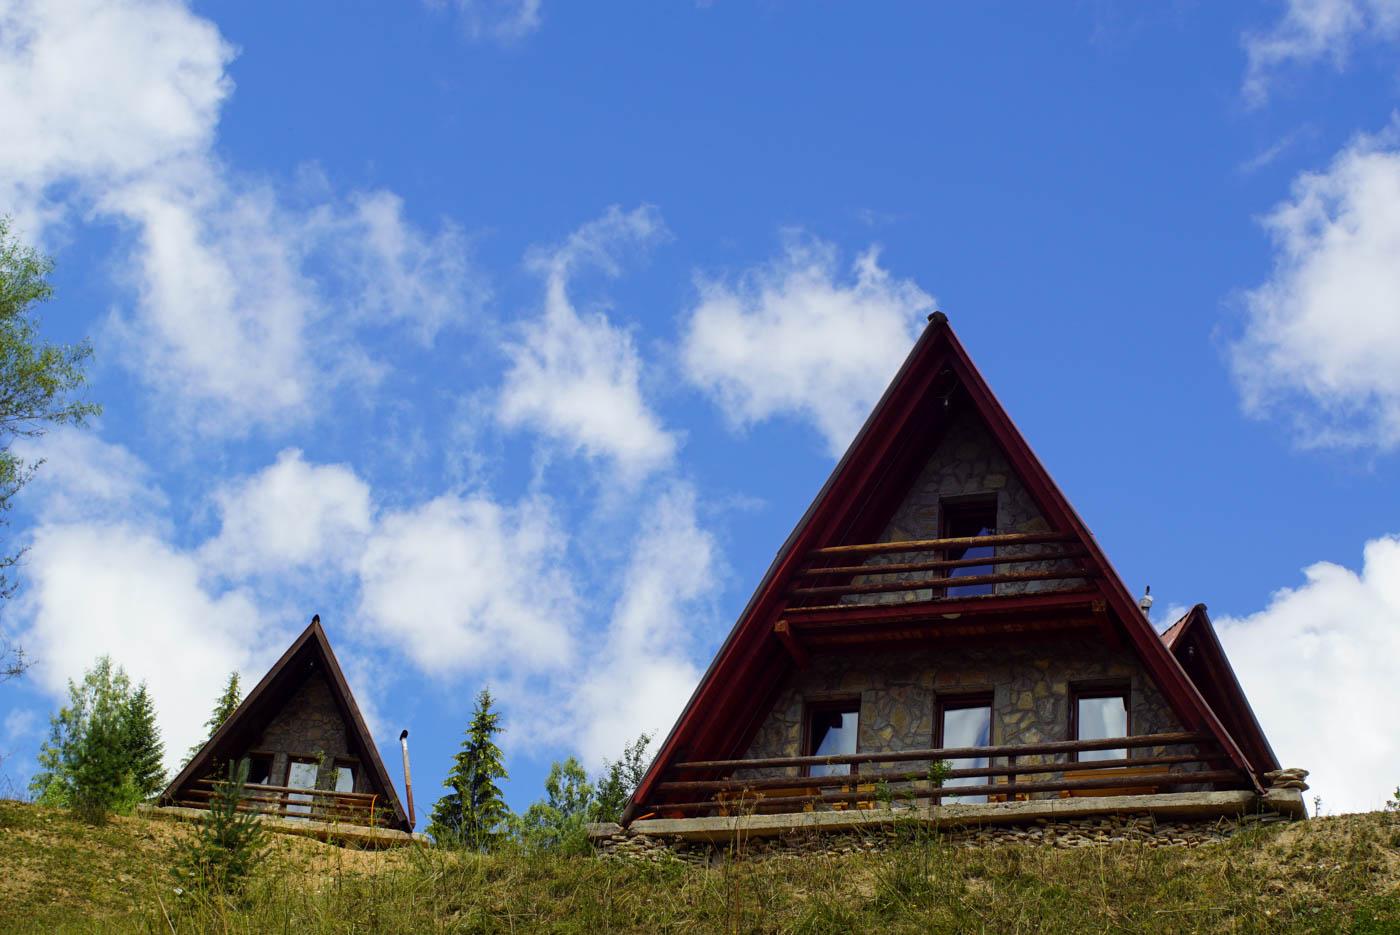 Auf dem Bild sind typische Häuser der Rugova Schlucht die die Form eines gleichschenkligen Dreiecks haben da hier so viel Schnee fällt.